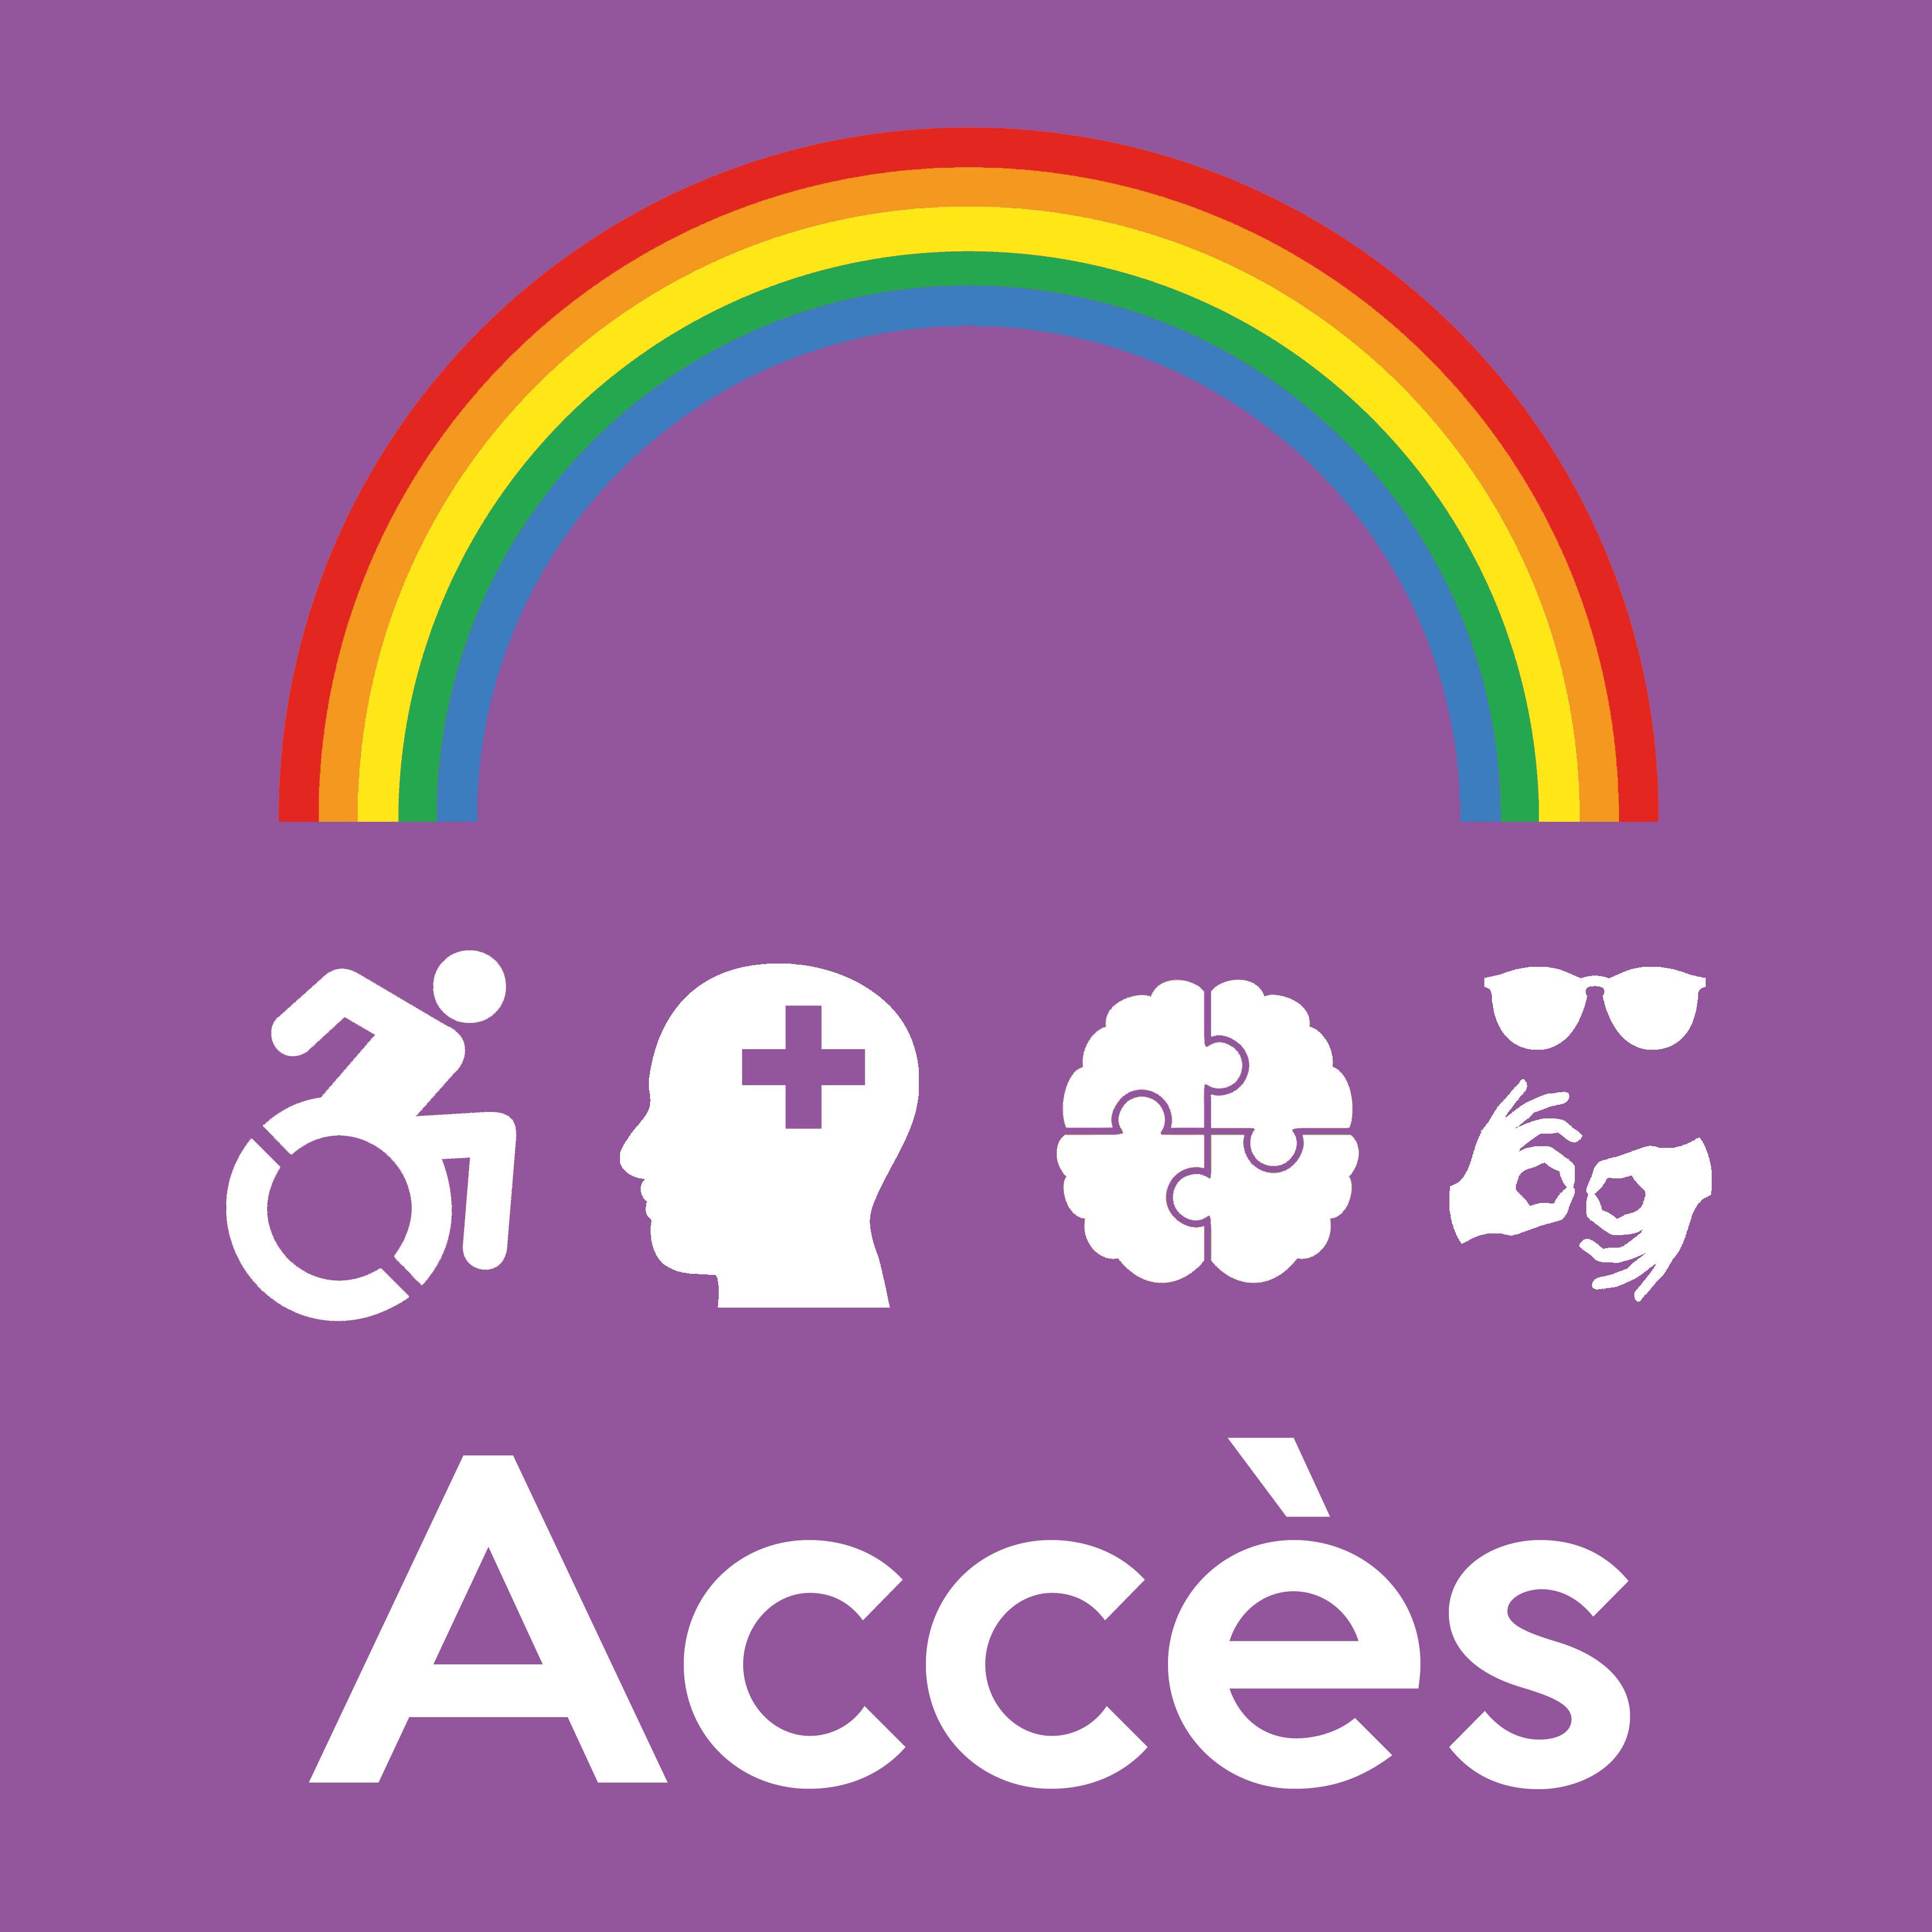 Logo: Accès scheme